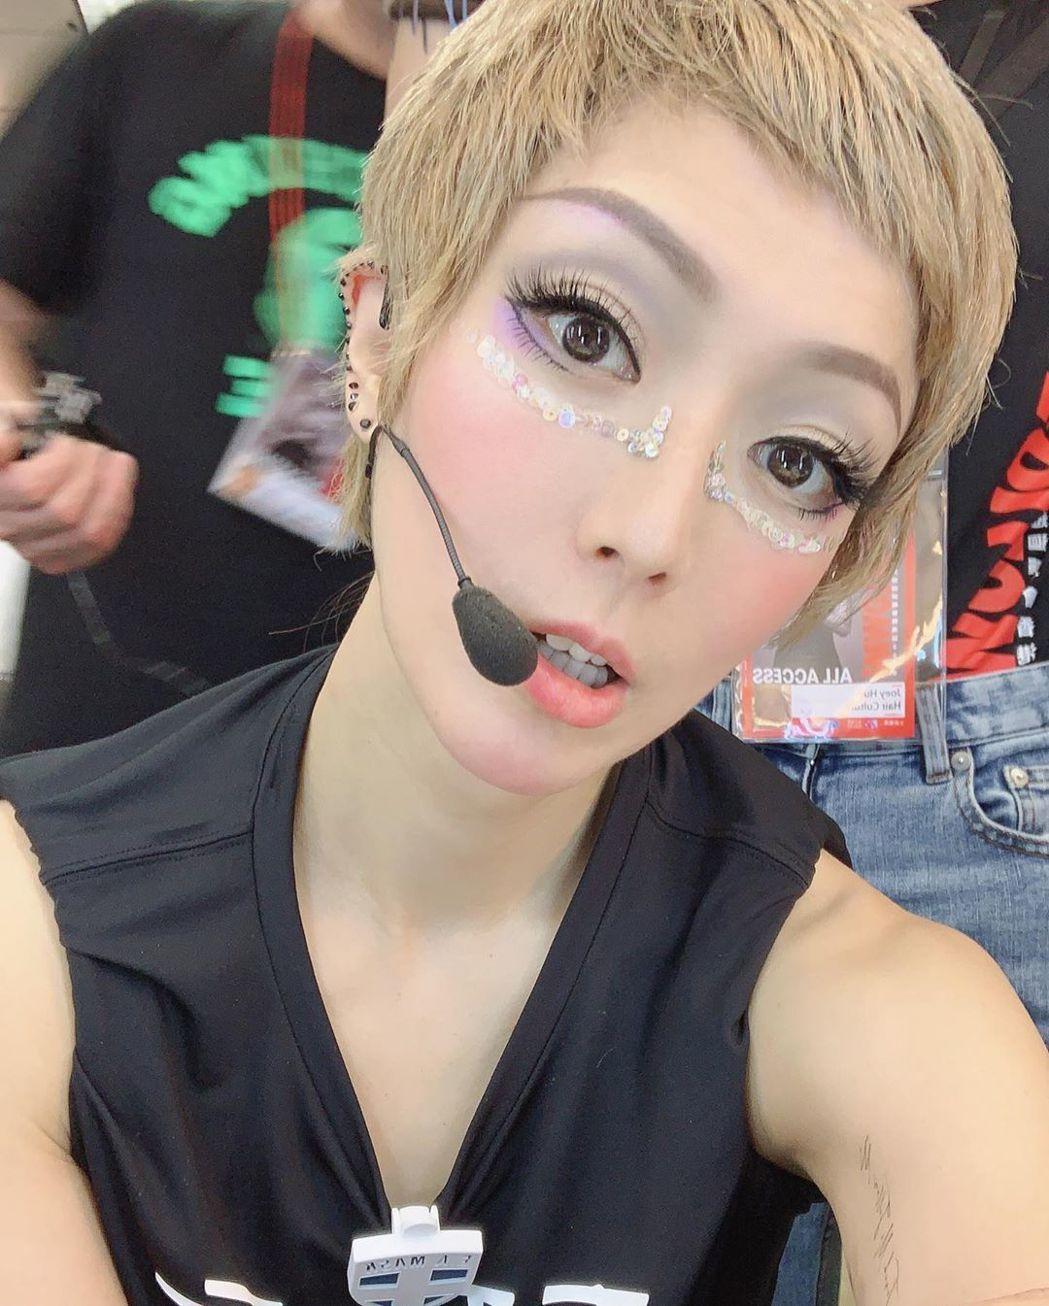 鄭秀文秀出演唱會的金色短假髮造型。 圖/擷自鄭秀文IG